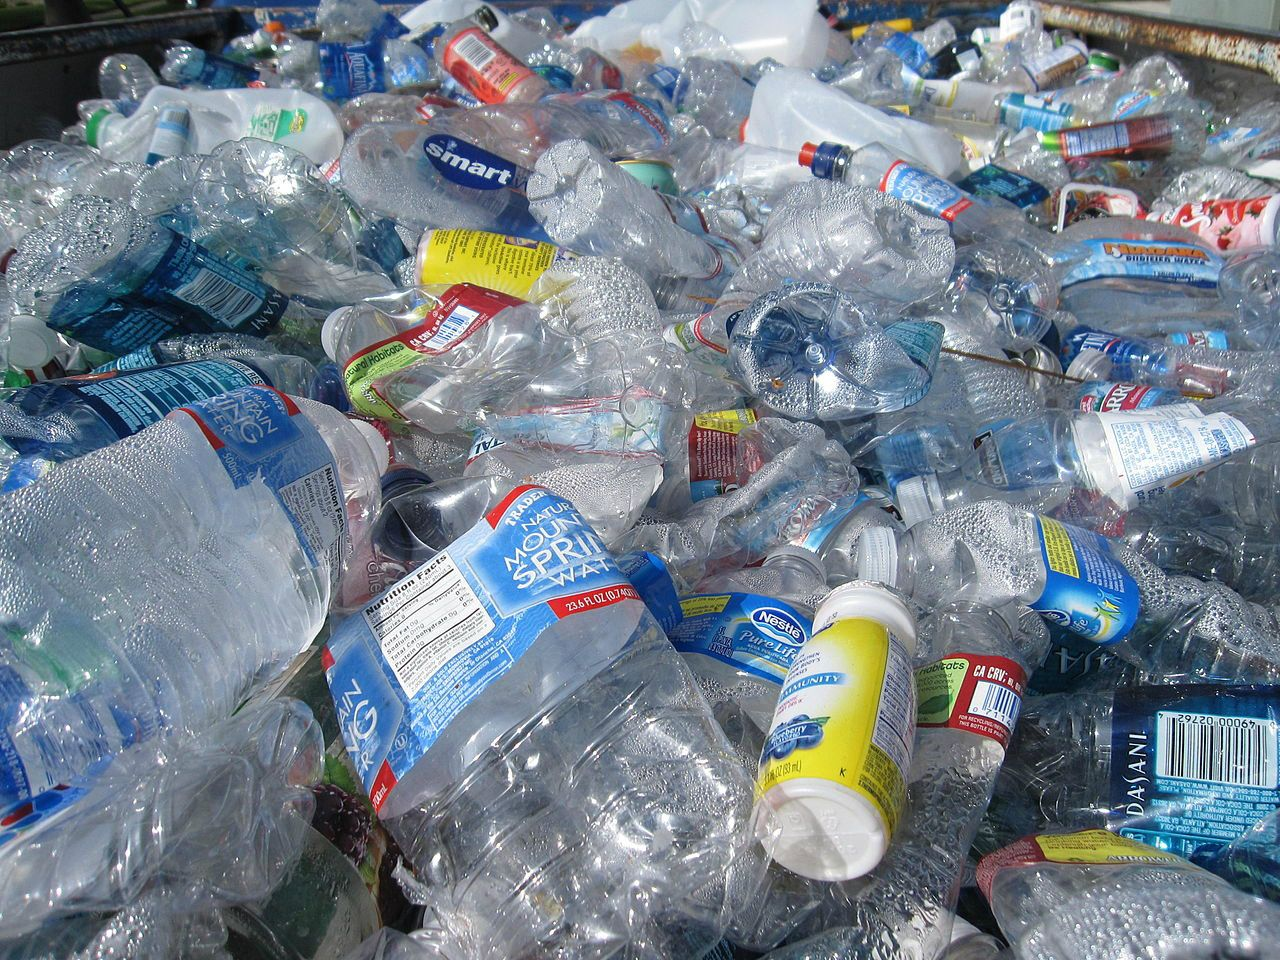 La OMS encontró rastros de microplástico en el 90% de las aguas embotelladas